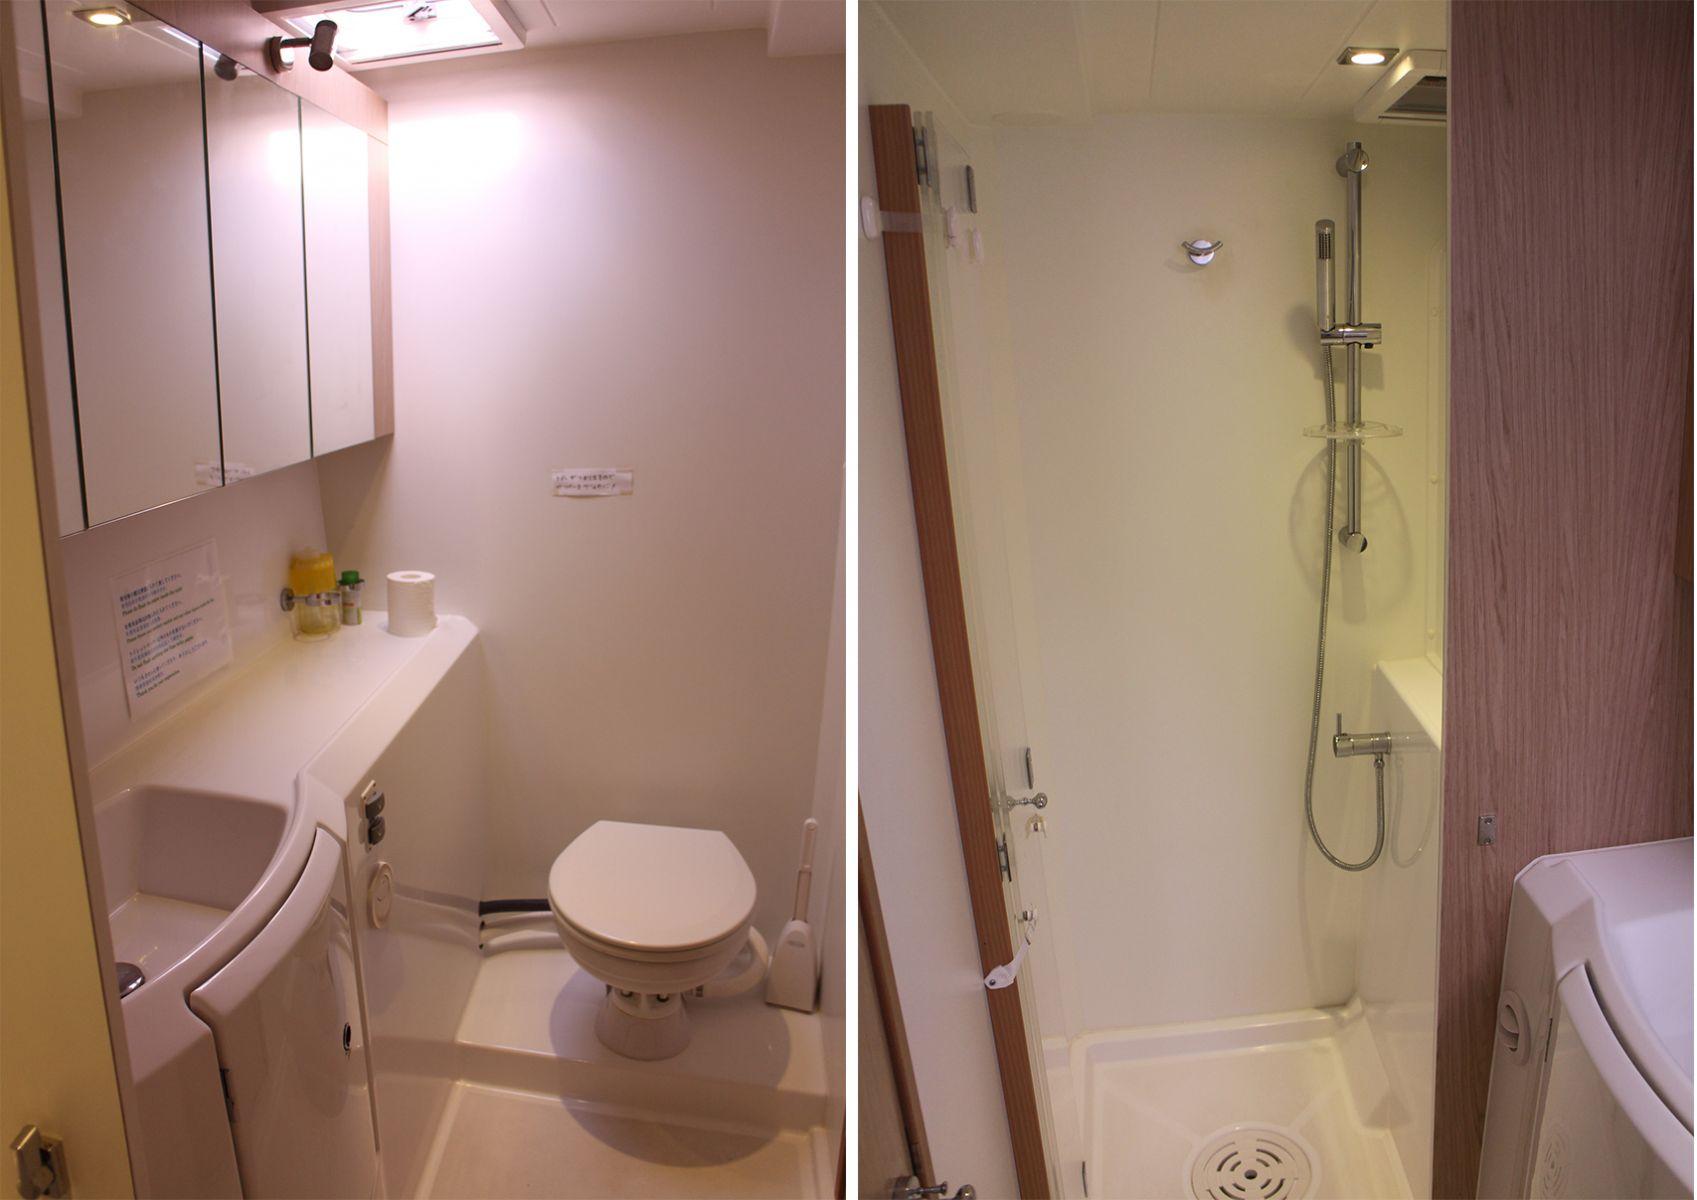 ダンダダ・フェニックス カタマランヨット・クルーザーGuest Toilet and Shower